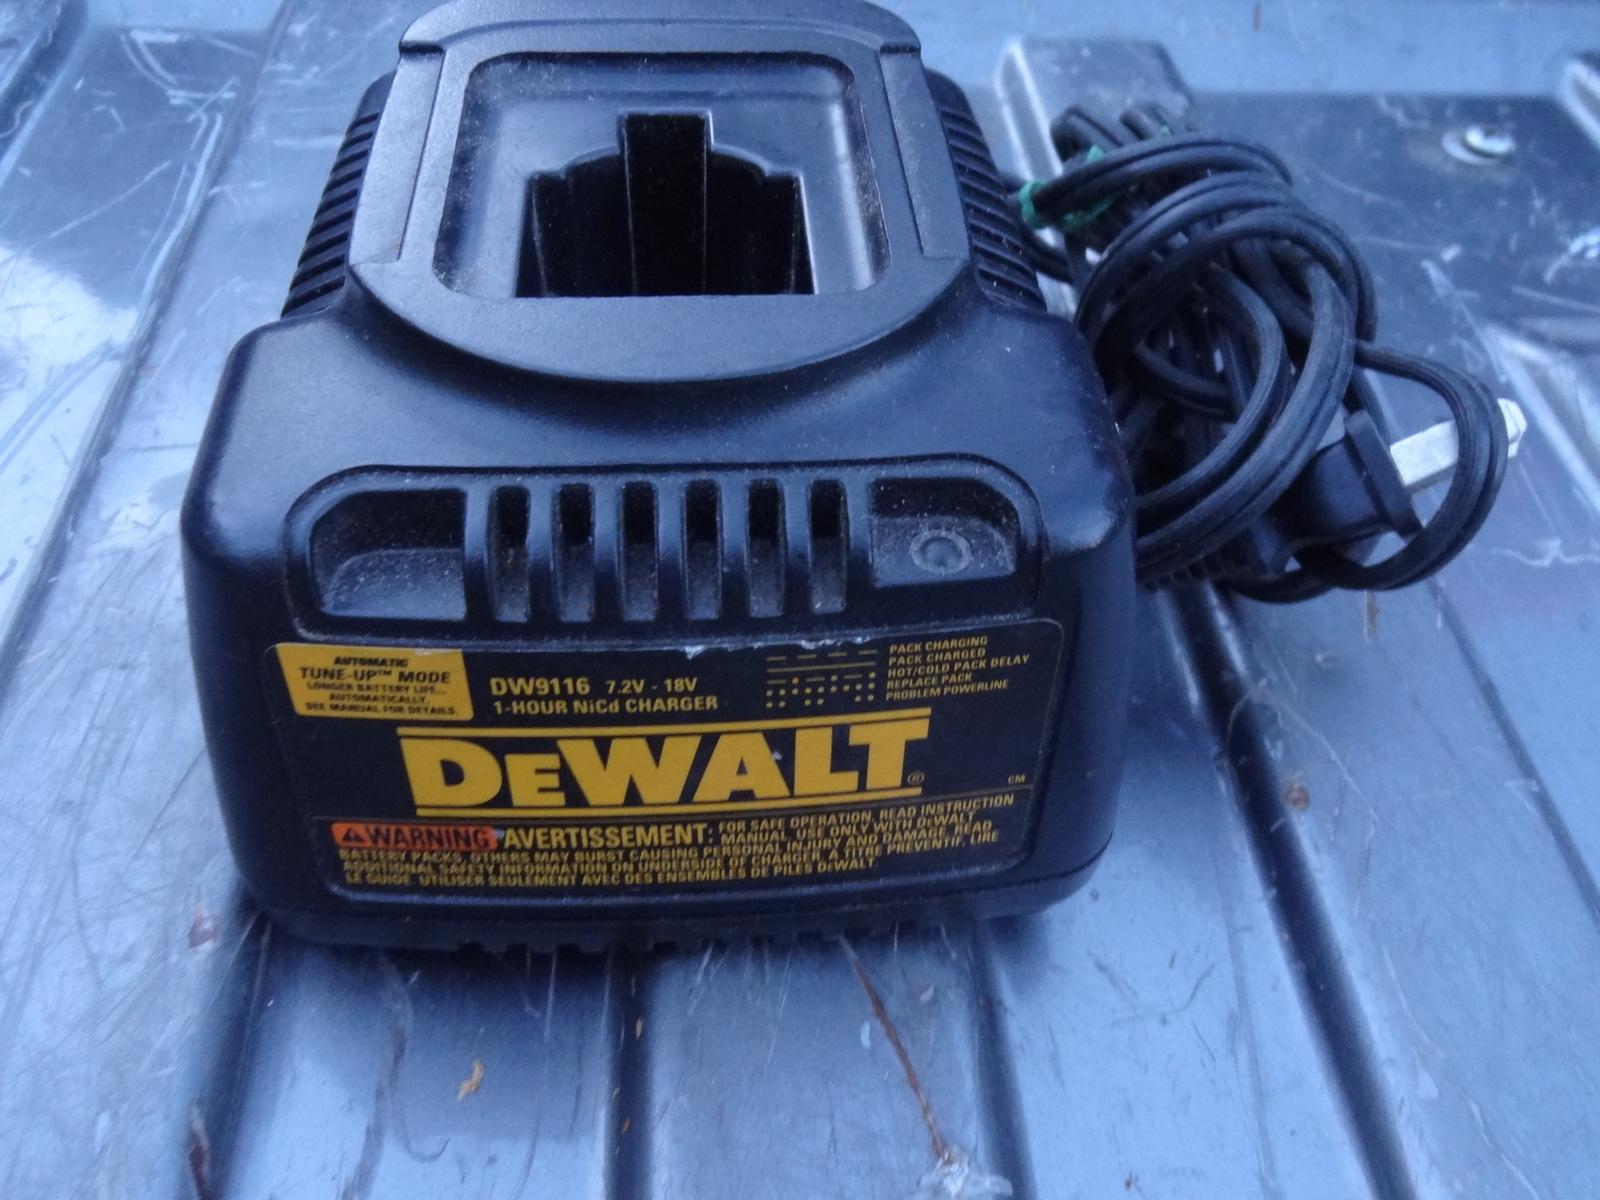 DeWalt 7.2V-14.4V 1 Hour Battery Charger #DW9107